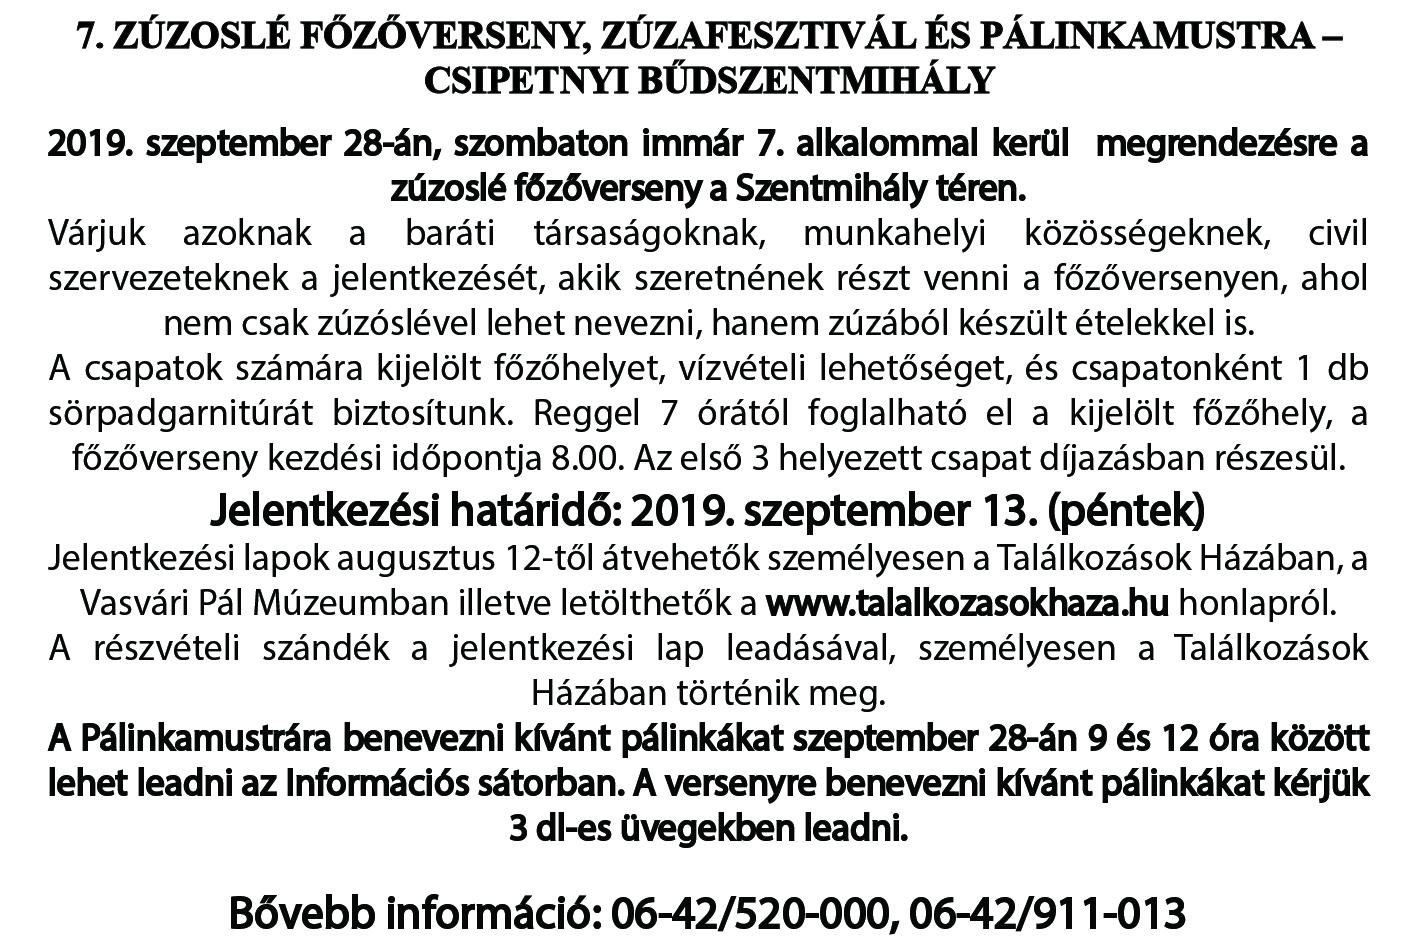 VII. Zúzoslé Főzőverseny, Zúzafesztivál és Pálinkamustra - Csipetnyi Bűdszentmihály  felhívás és jelentkezési lap